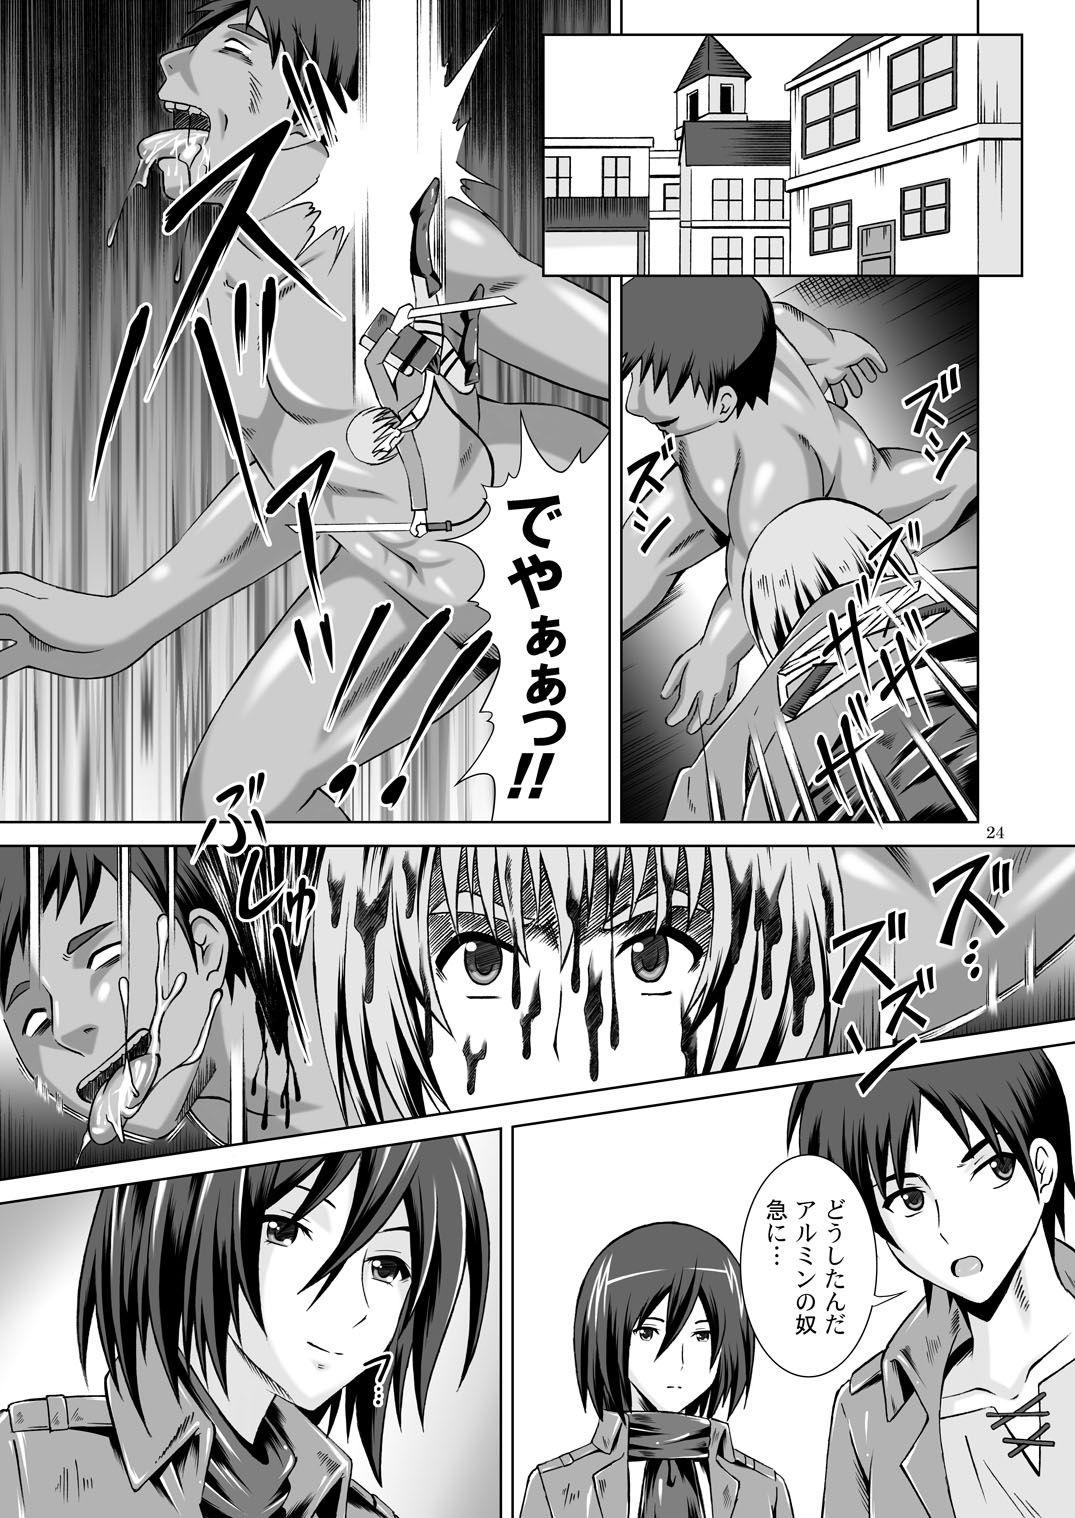 Sex with mikasa hentai manga picture 22